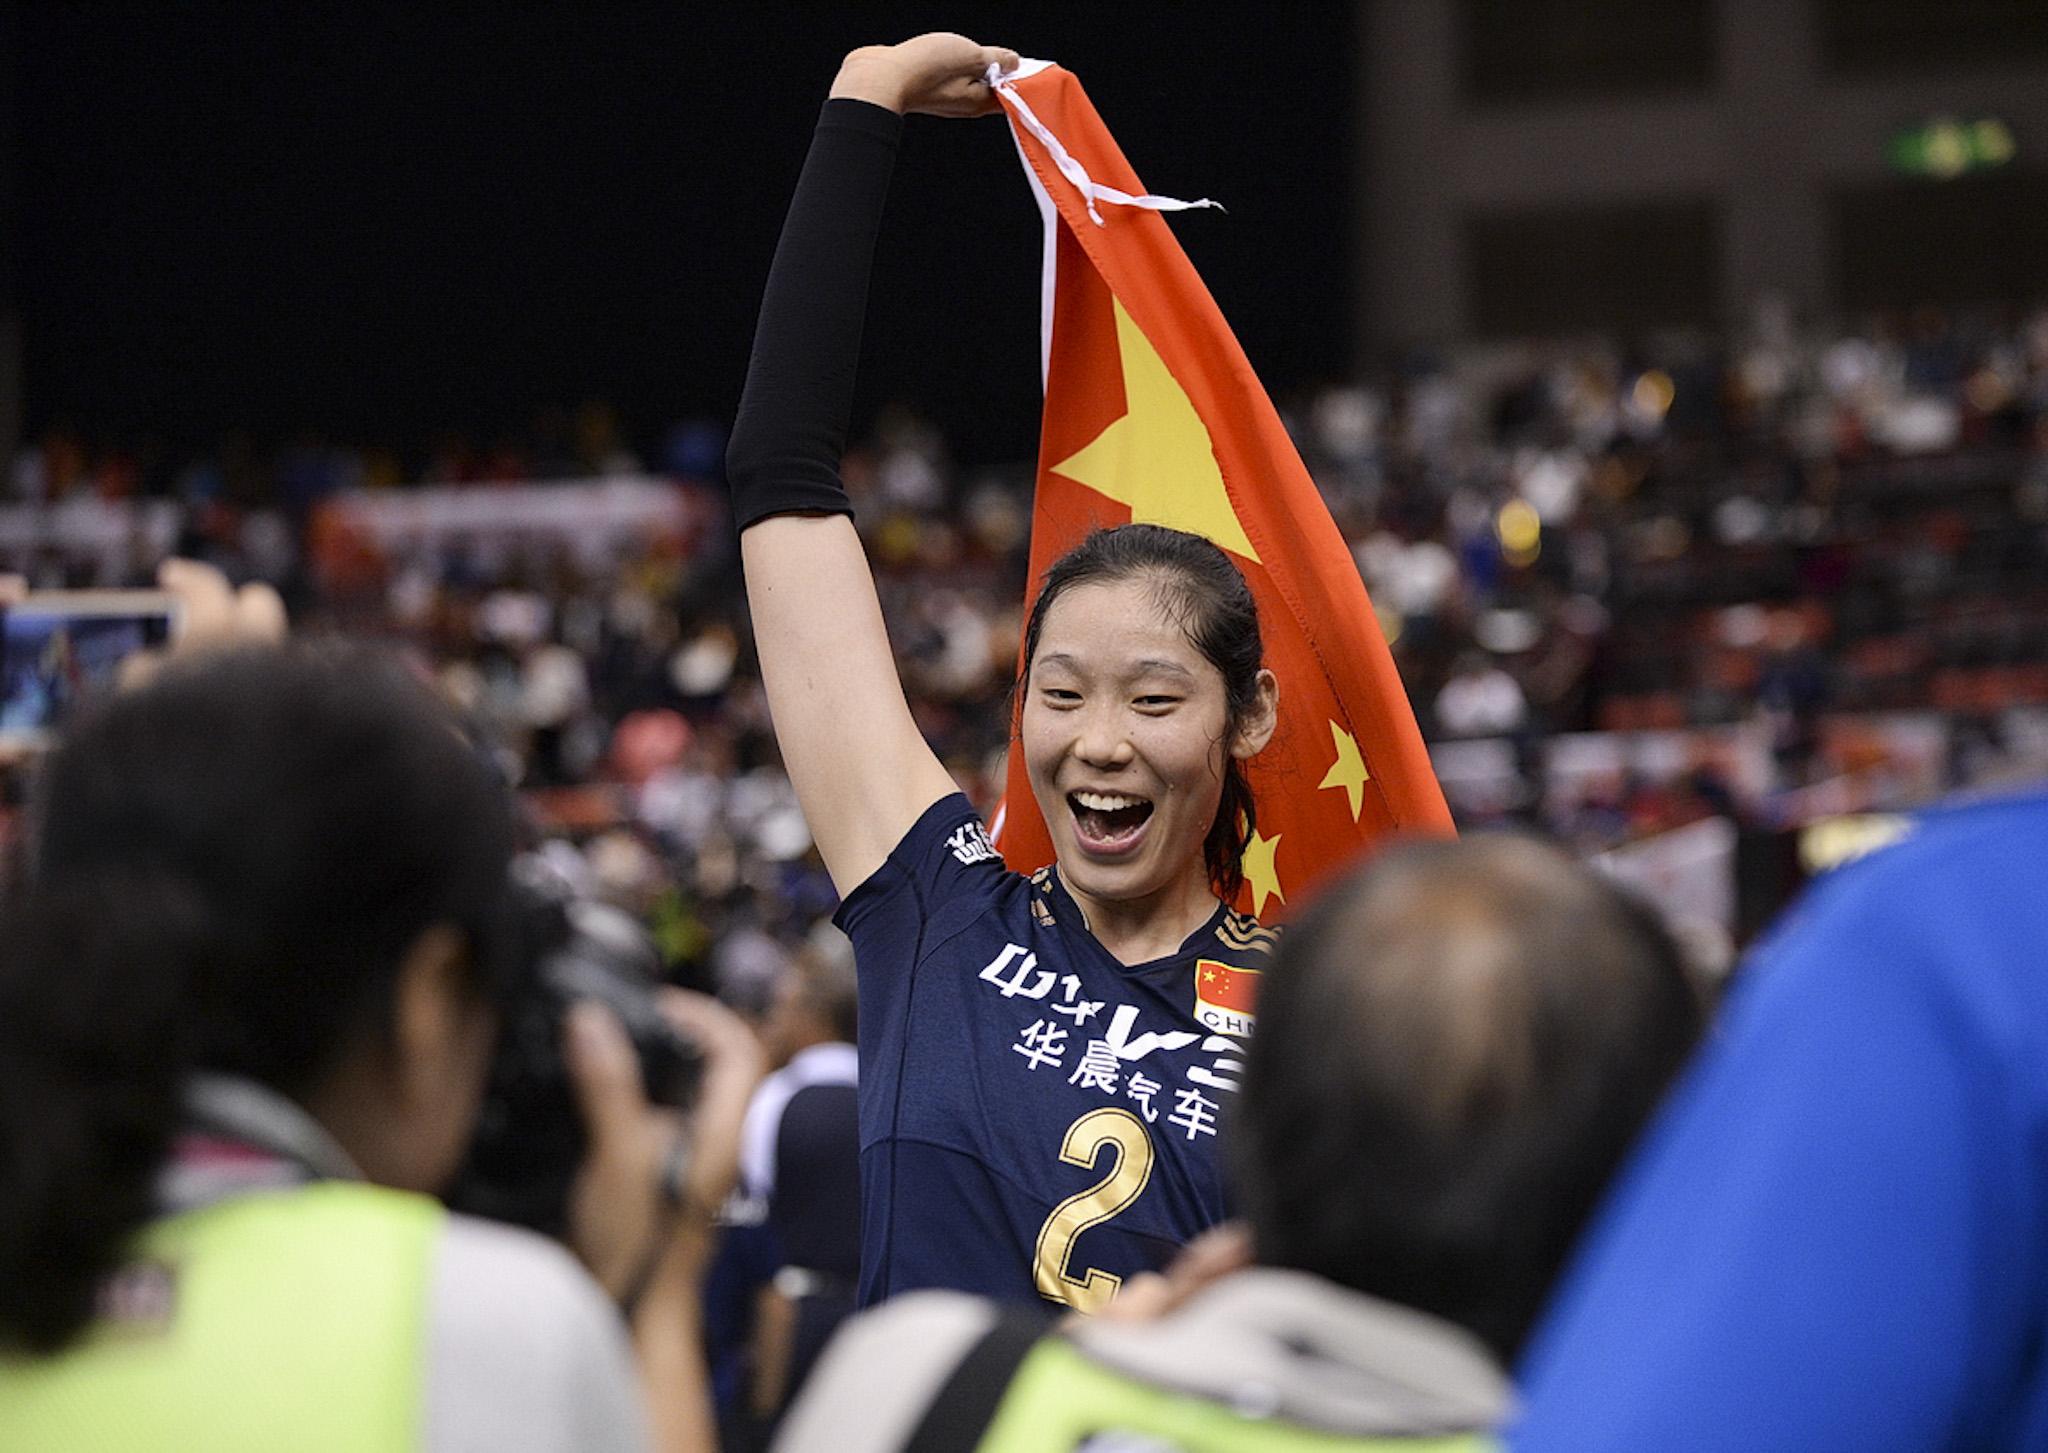 博猫娱乐新闻:朱婷26岁生日快乐!等待奥运,最重要的是耐得住寂寞